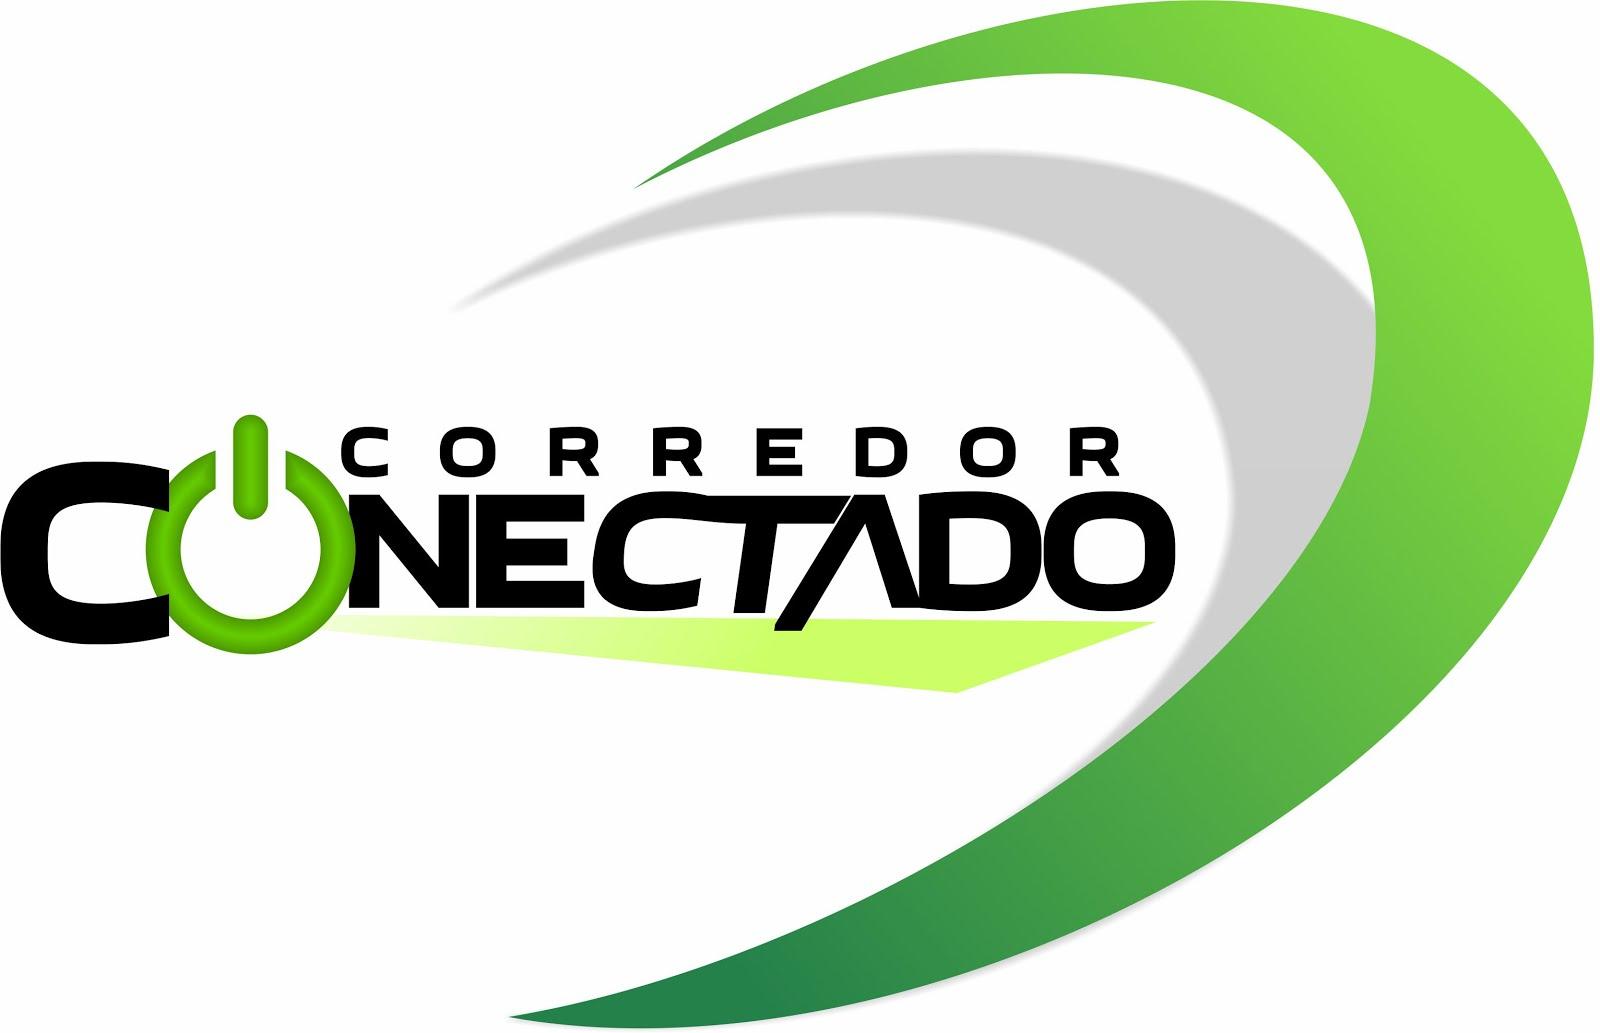 CORREDOR CONECTADO